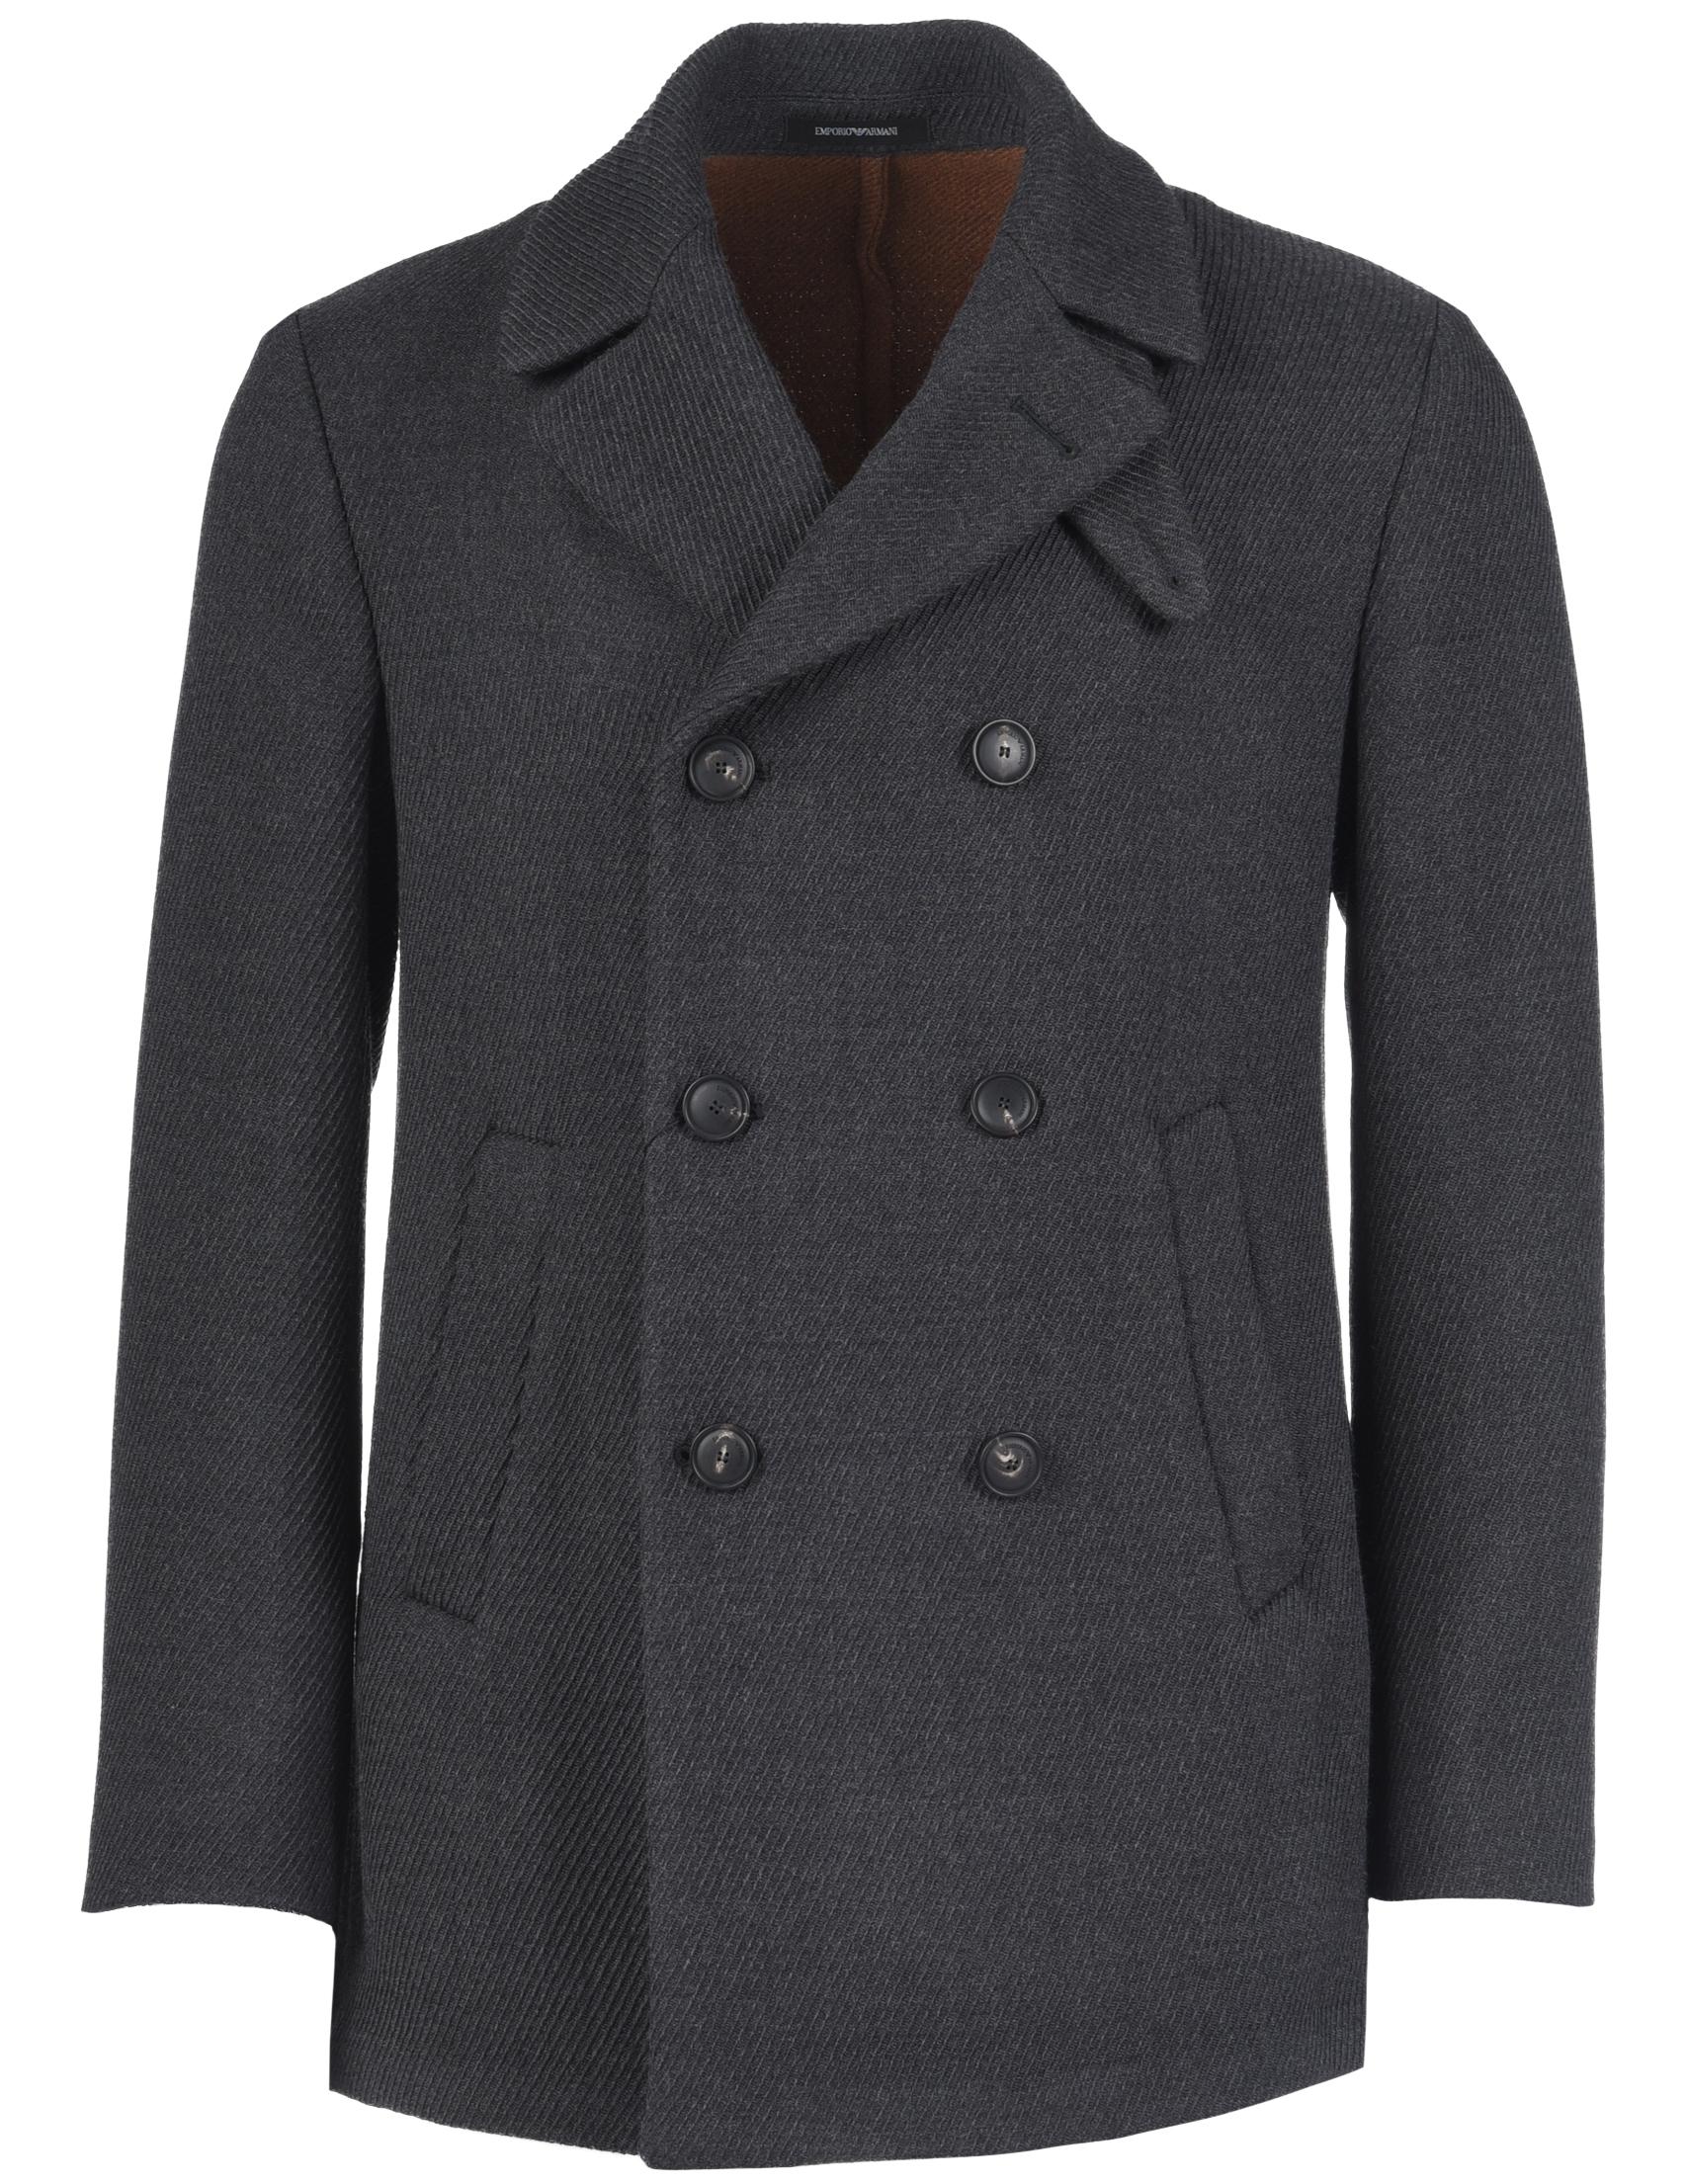 Купить Пальто, EMPORIO ARMANI, Синий, 100%Шерсть, Осень-Зима